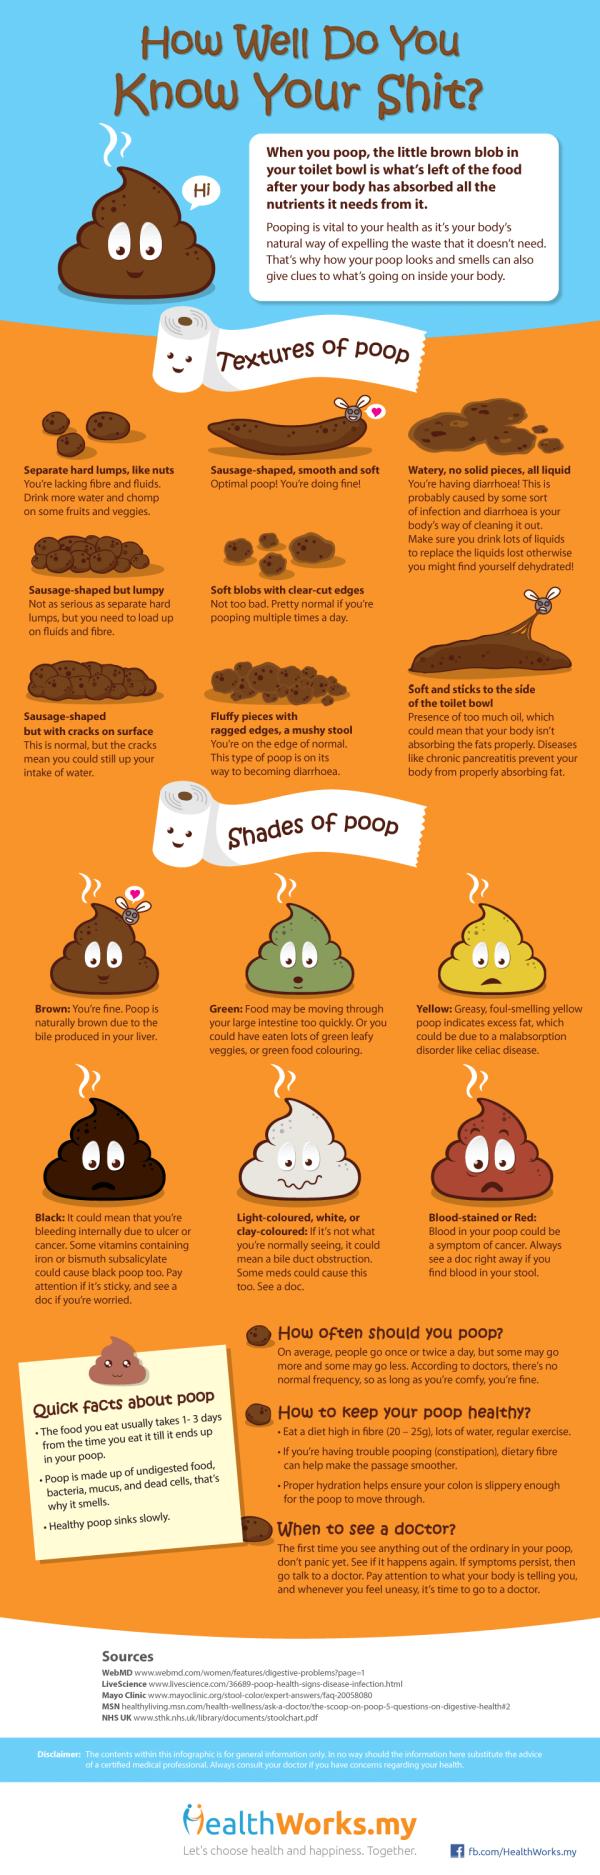 Healthworks-Poop-Infographic.png?token=p